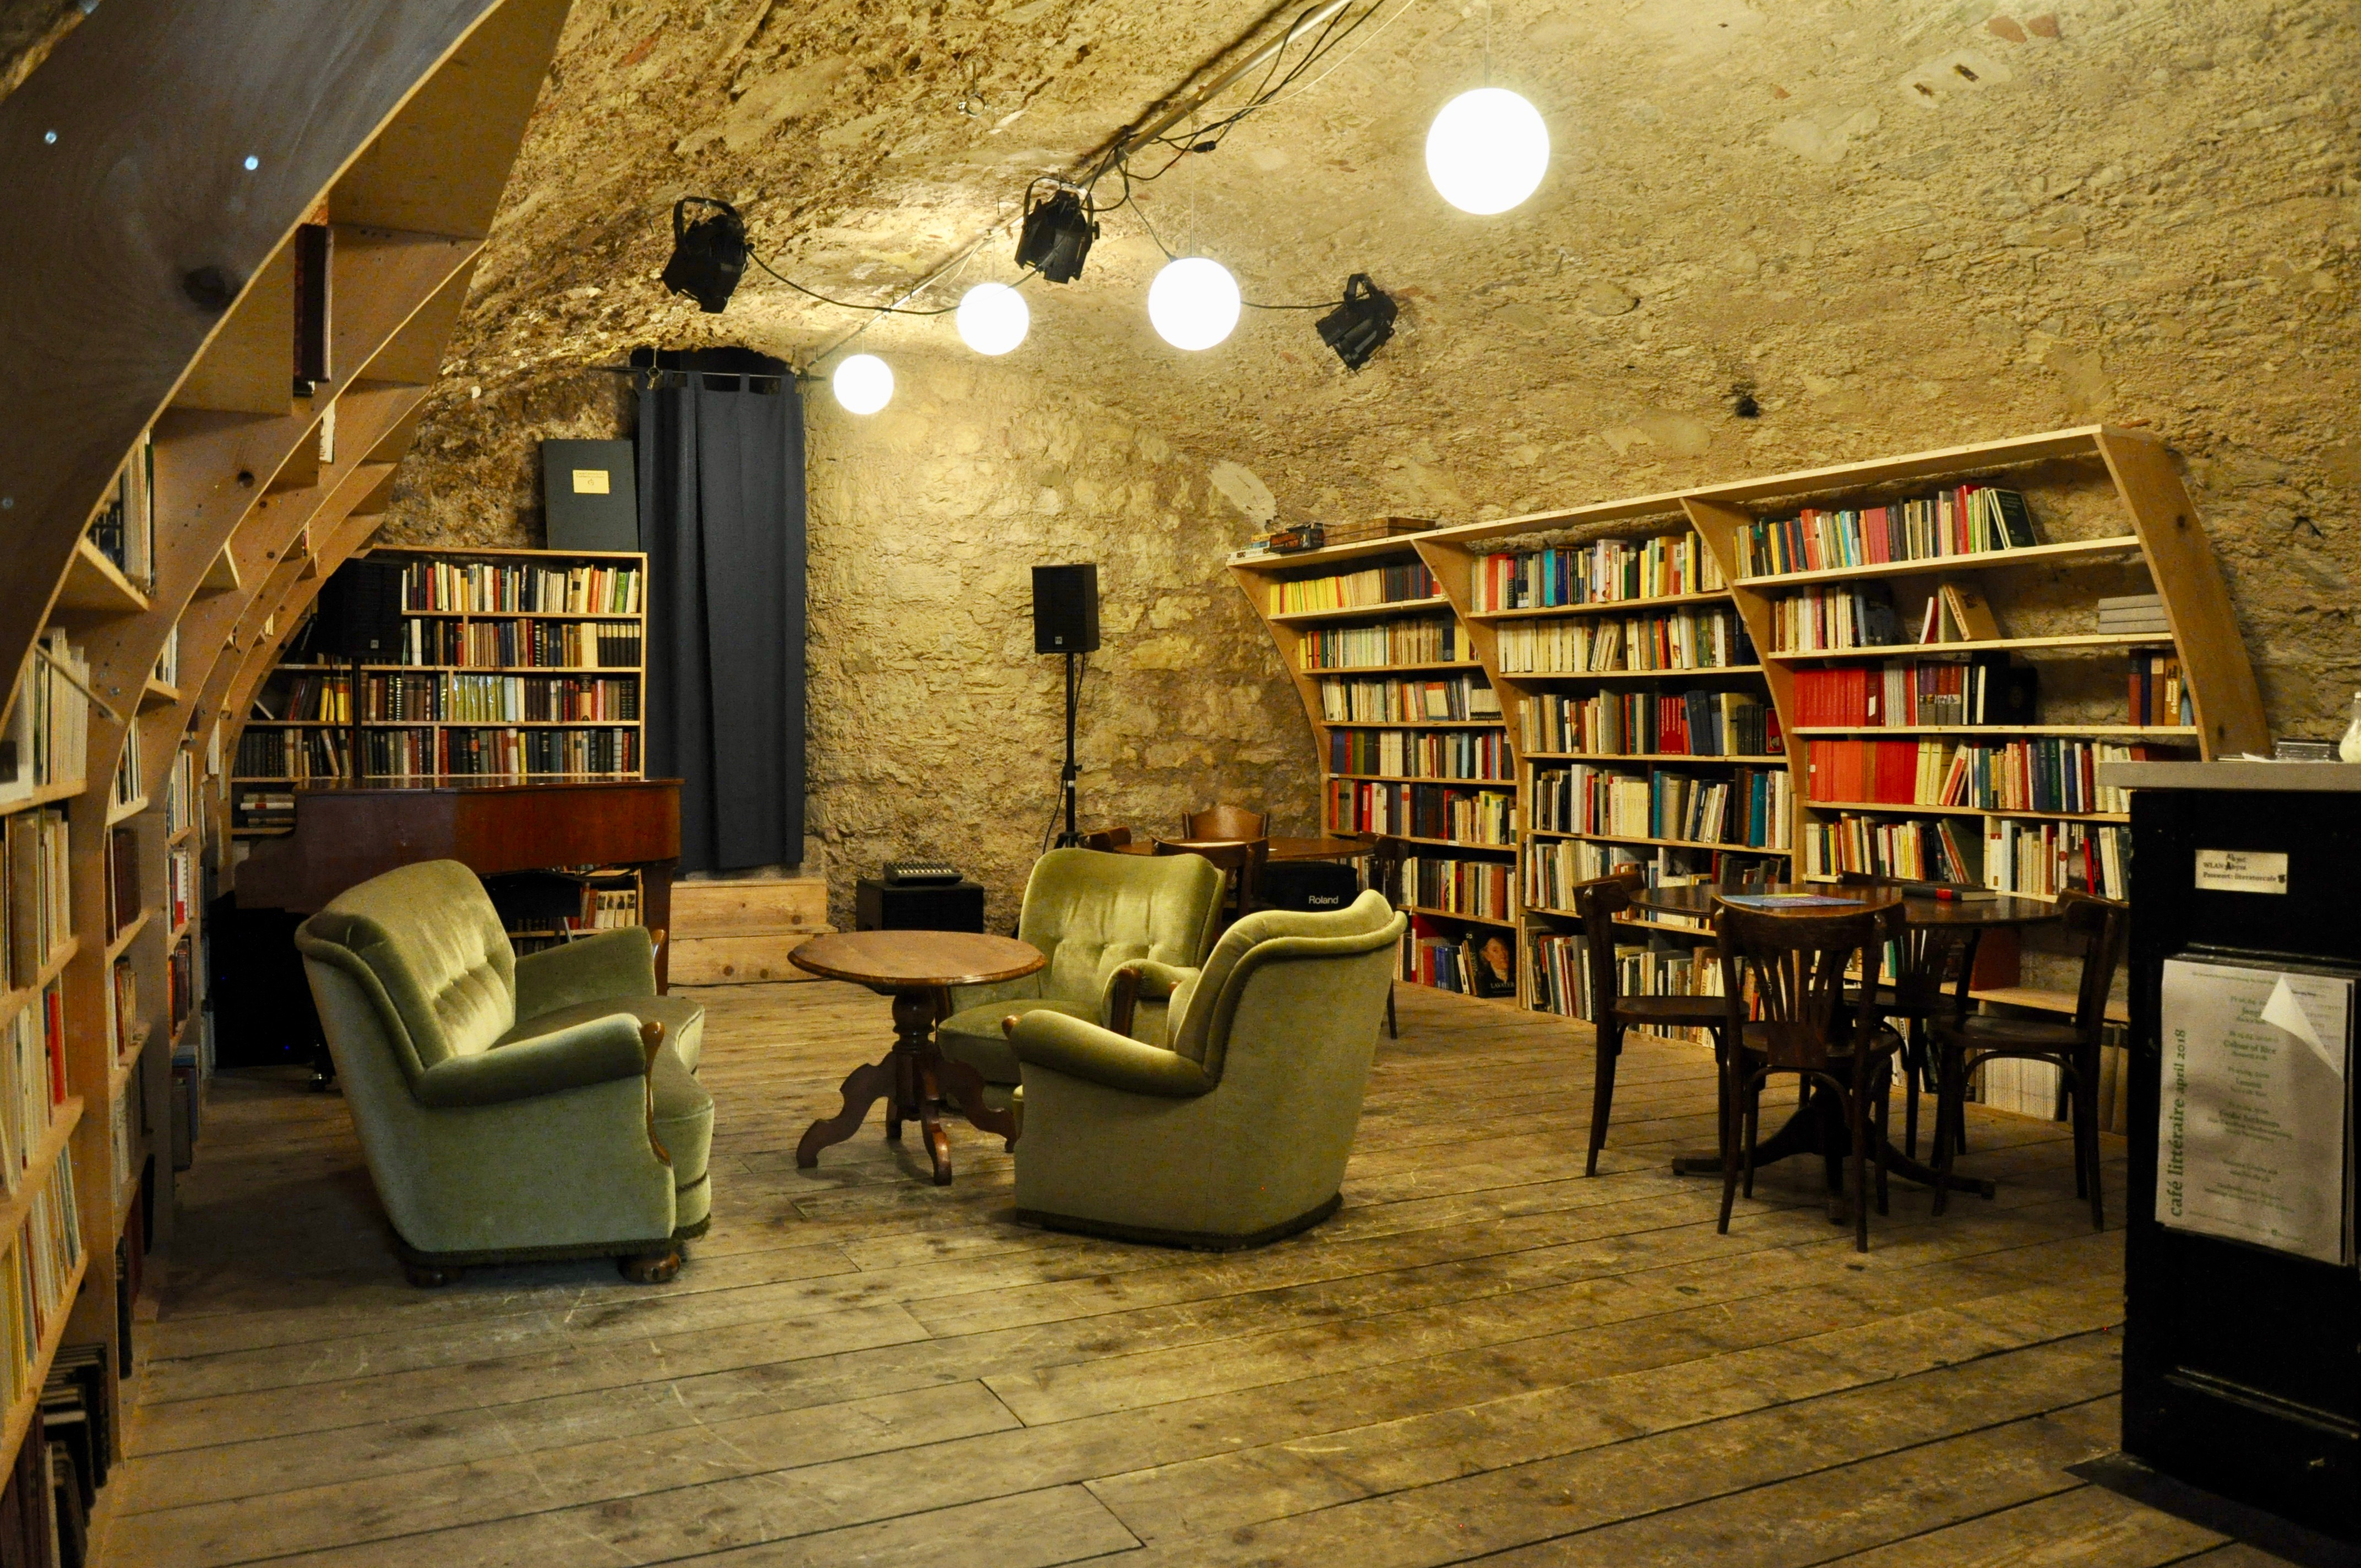 Dans une pièce avec un plancher de bois et des murs de pierre, il y a beaucoup de livres sur les étagères et divers styles de sièges, ainsi qu'un système de musique.